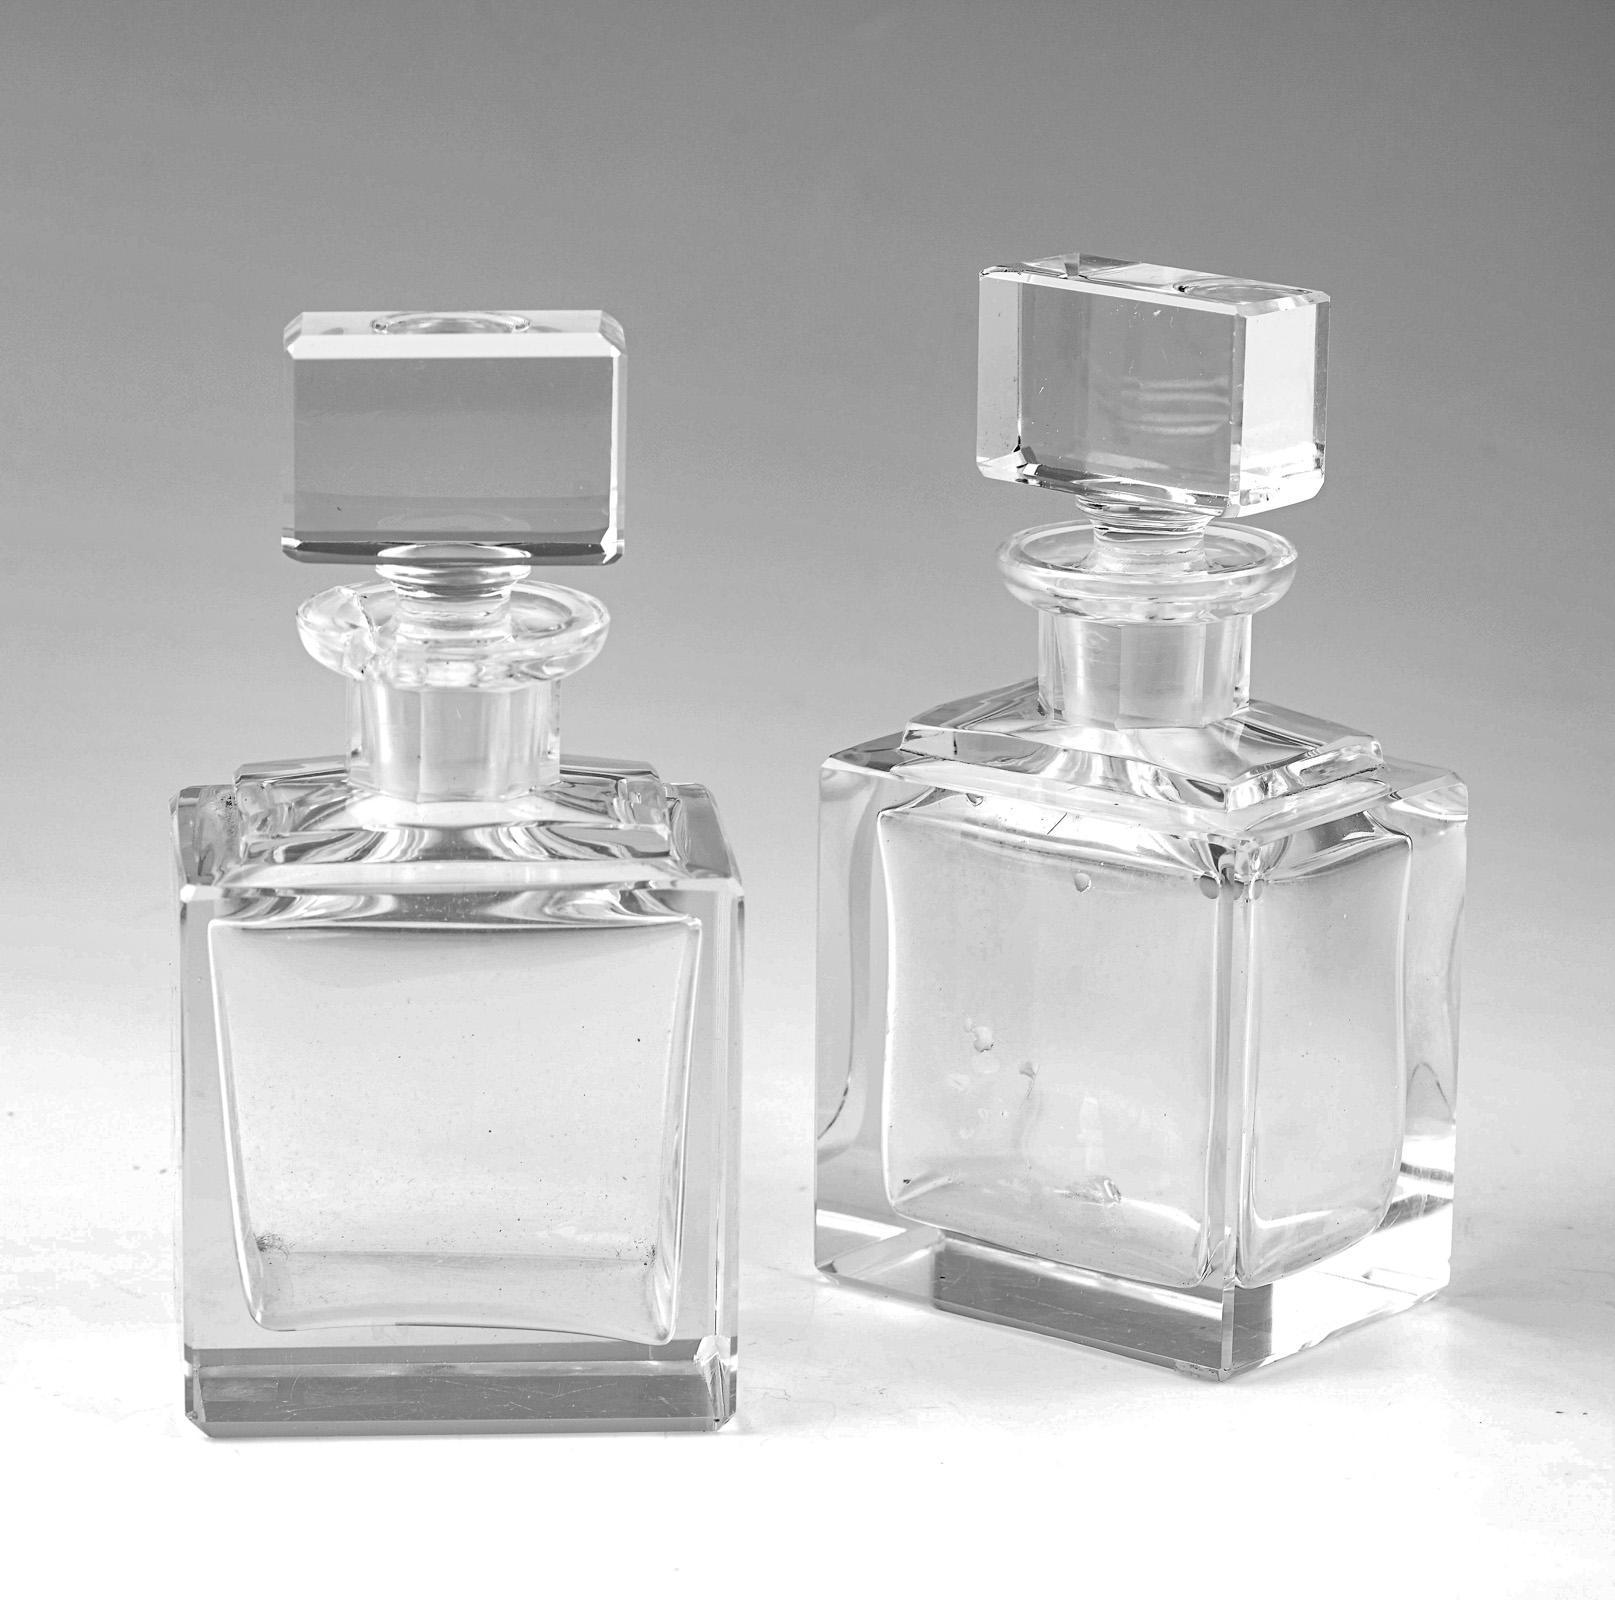 Par de frascos em vidro